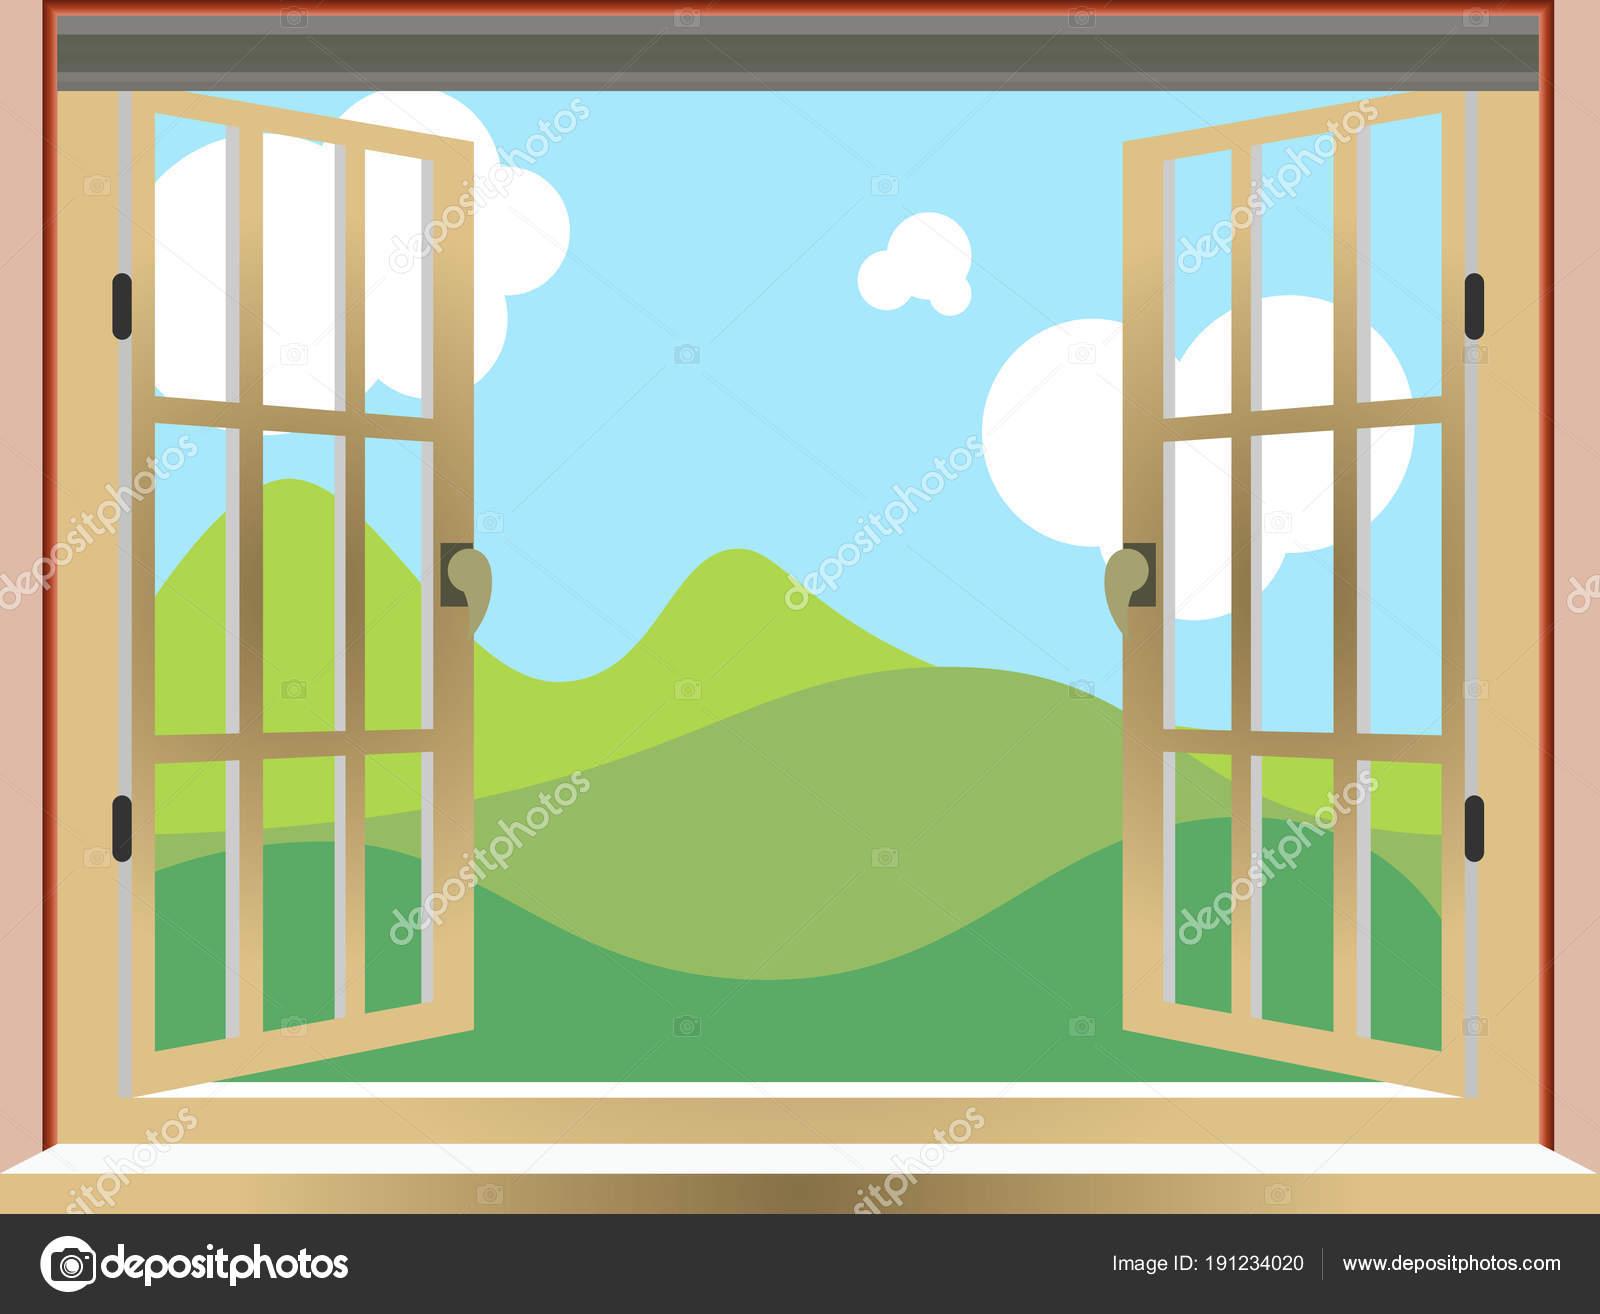 Illustration Dune Fenêtre Ouverte La Vue De La Nature La Bande